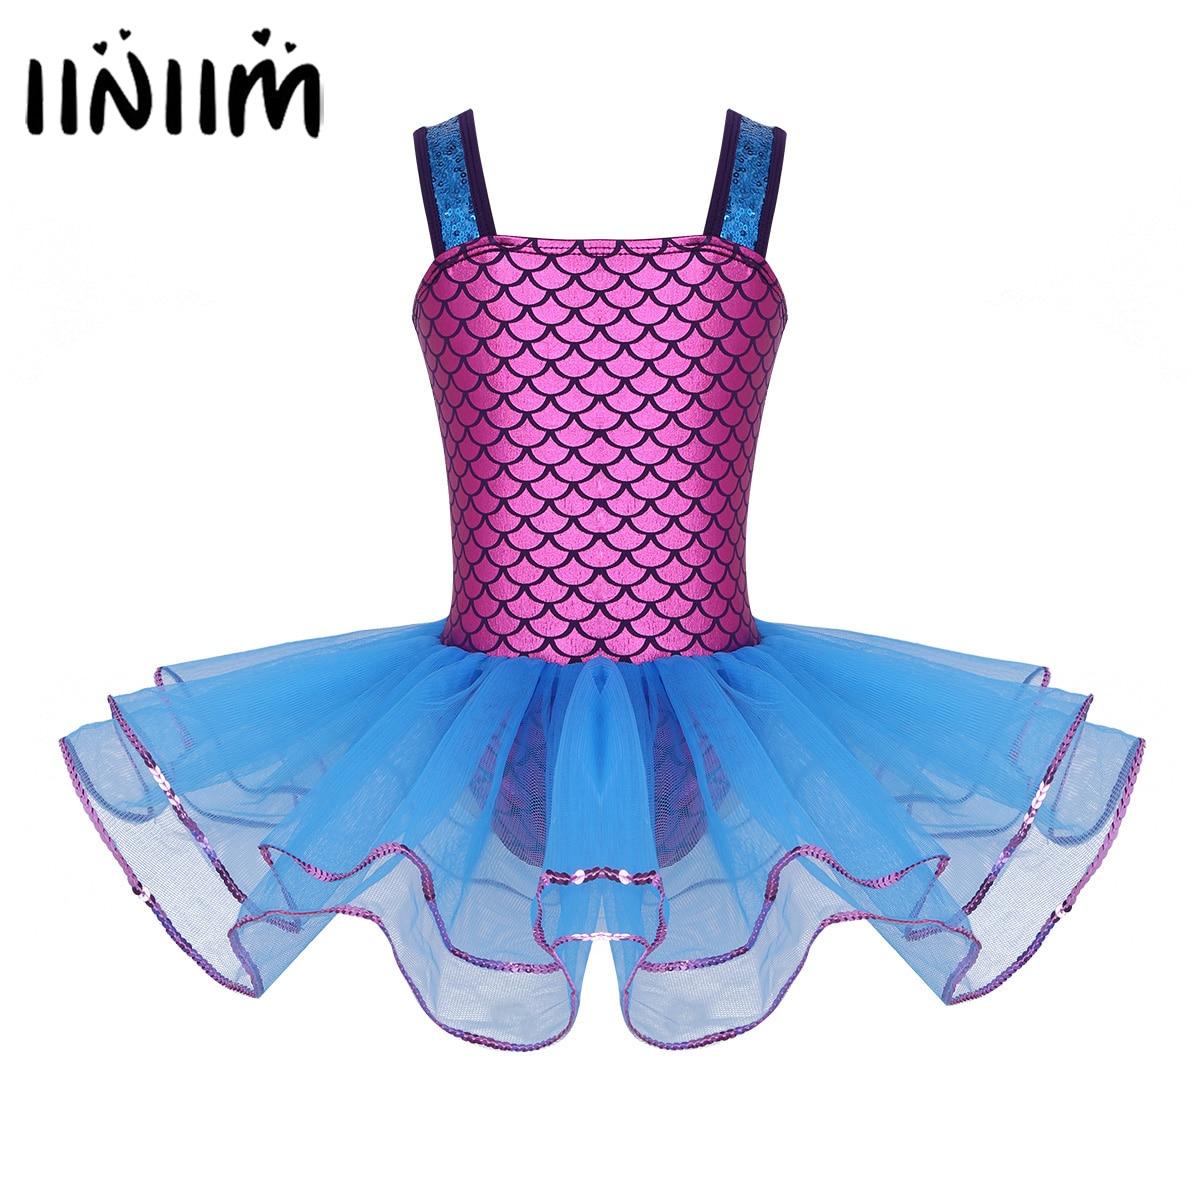 Chicas adolescentes sirena lentejuelas correas Ballet baile clase vestido bailarina trajes de baile lírico gimnasia leotardo para niños vestido